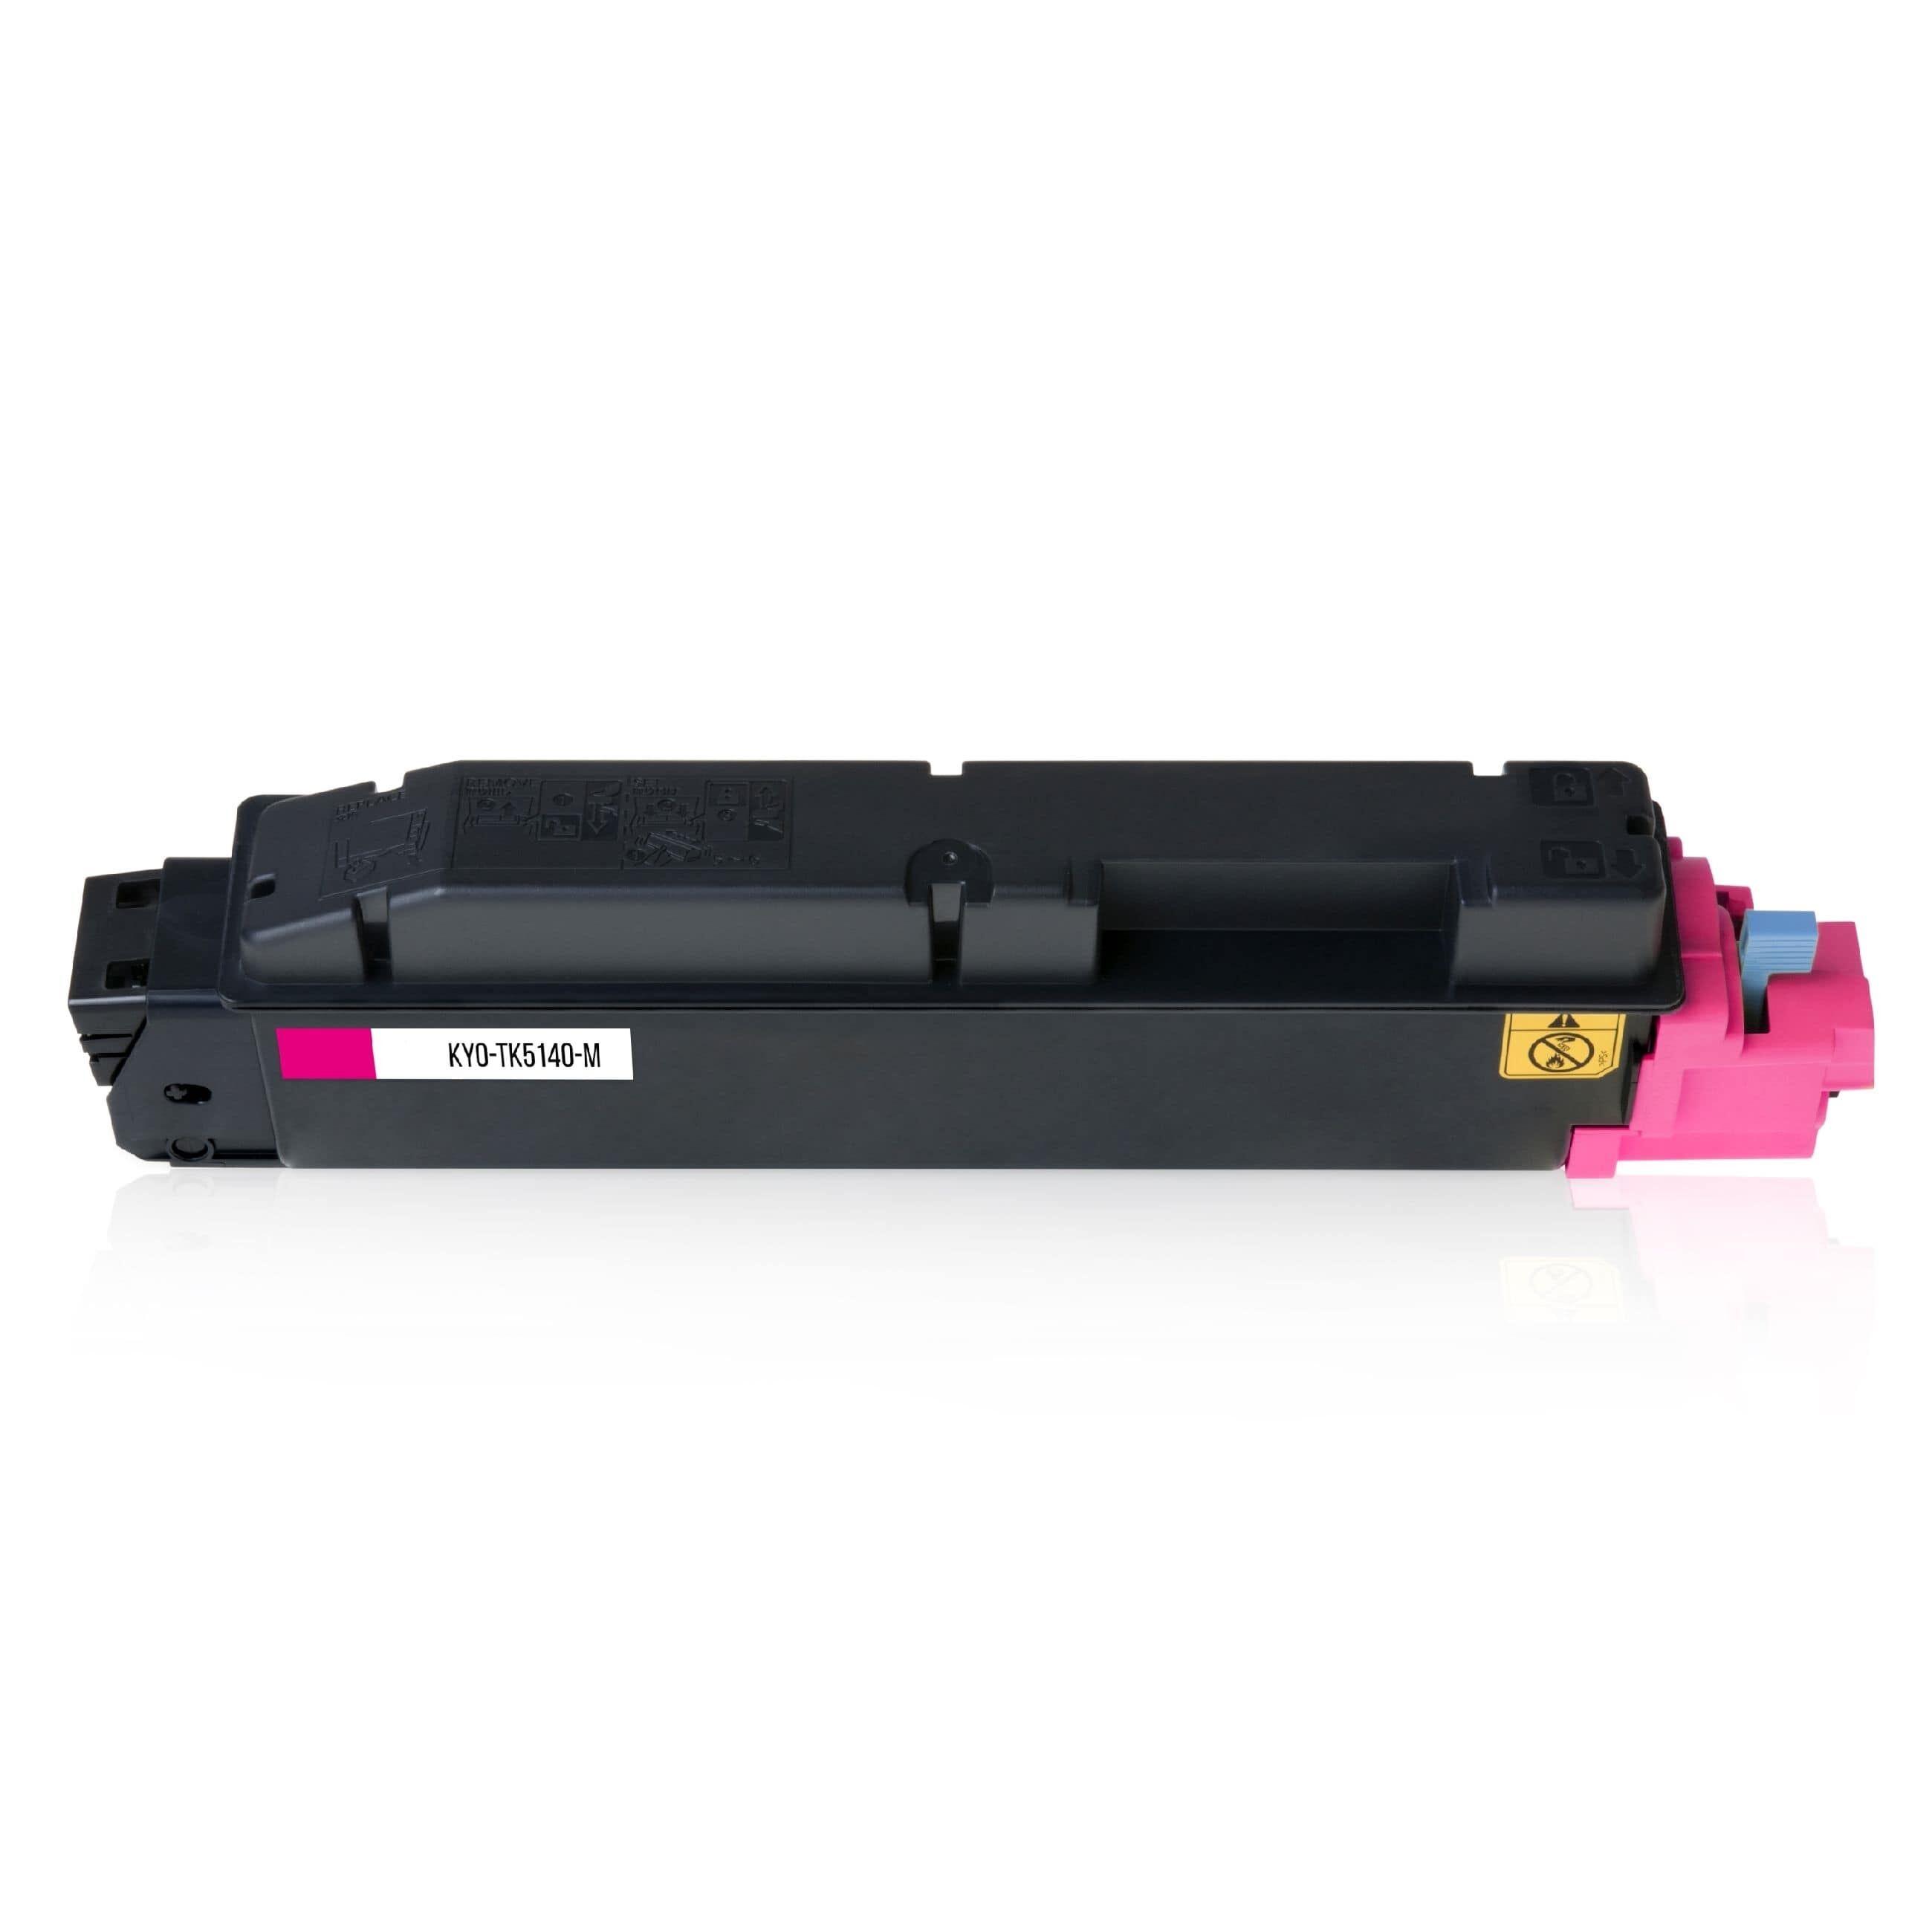 Kyocera Cartouche de Toner pour Kyocera 1T02NRBNL0 / TK-5140 M magenta compatible (de marque ASC)